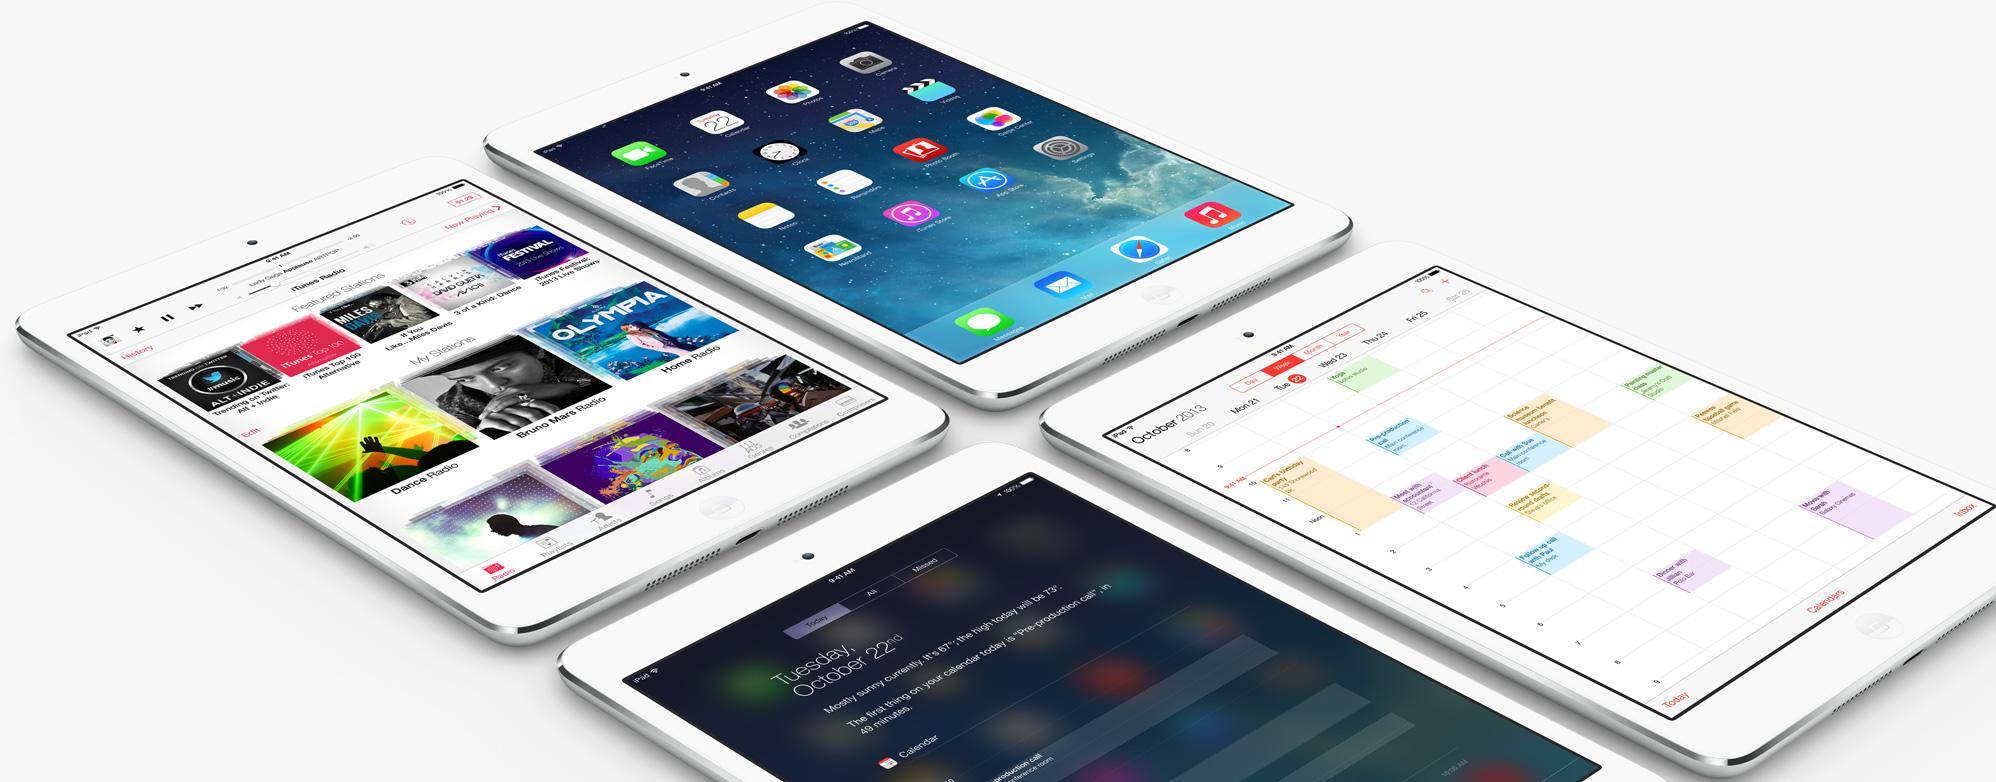 iPad mini Retina Display millones de apps 2 iOS 7